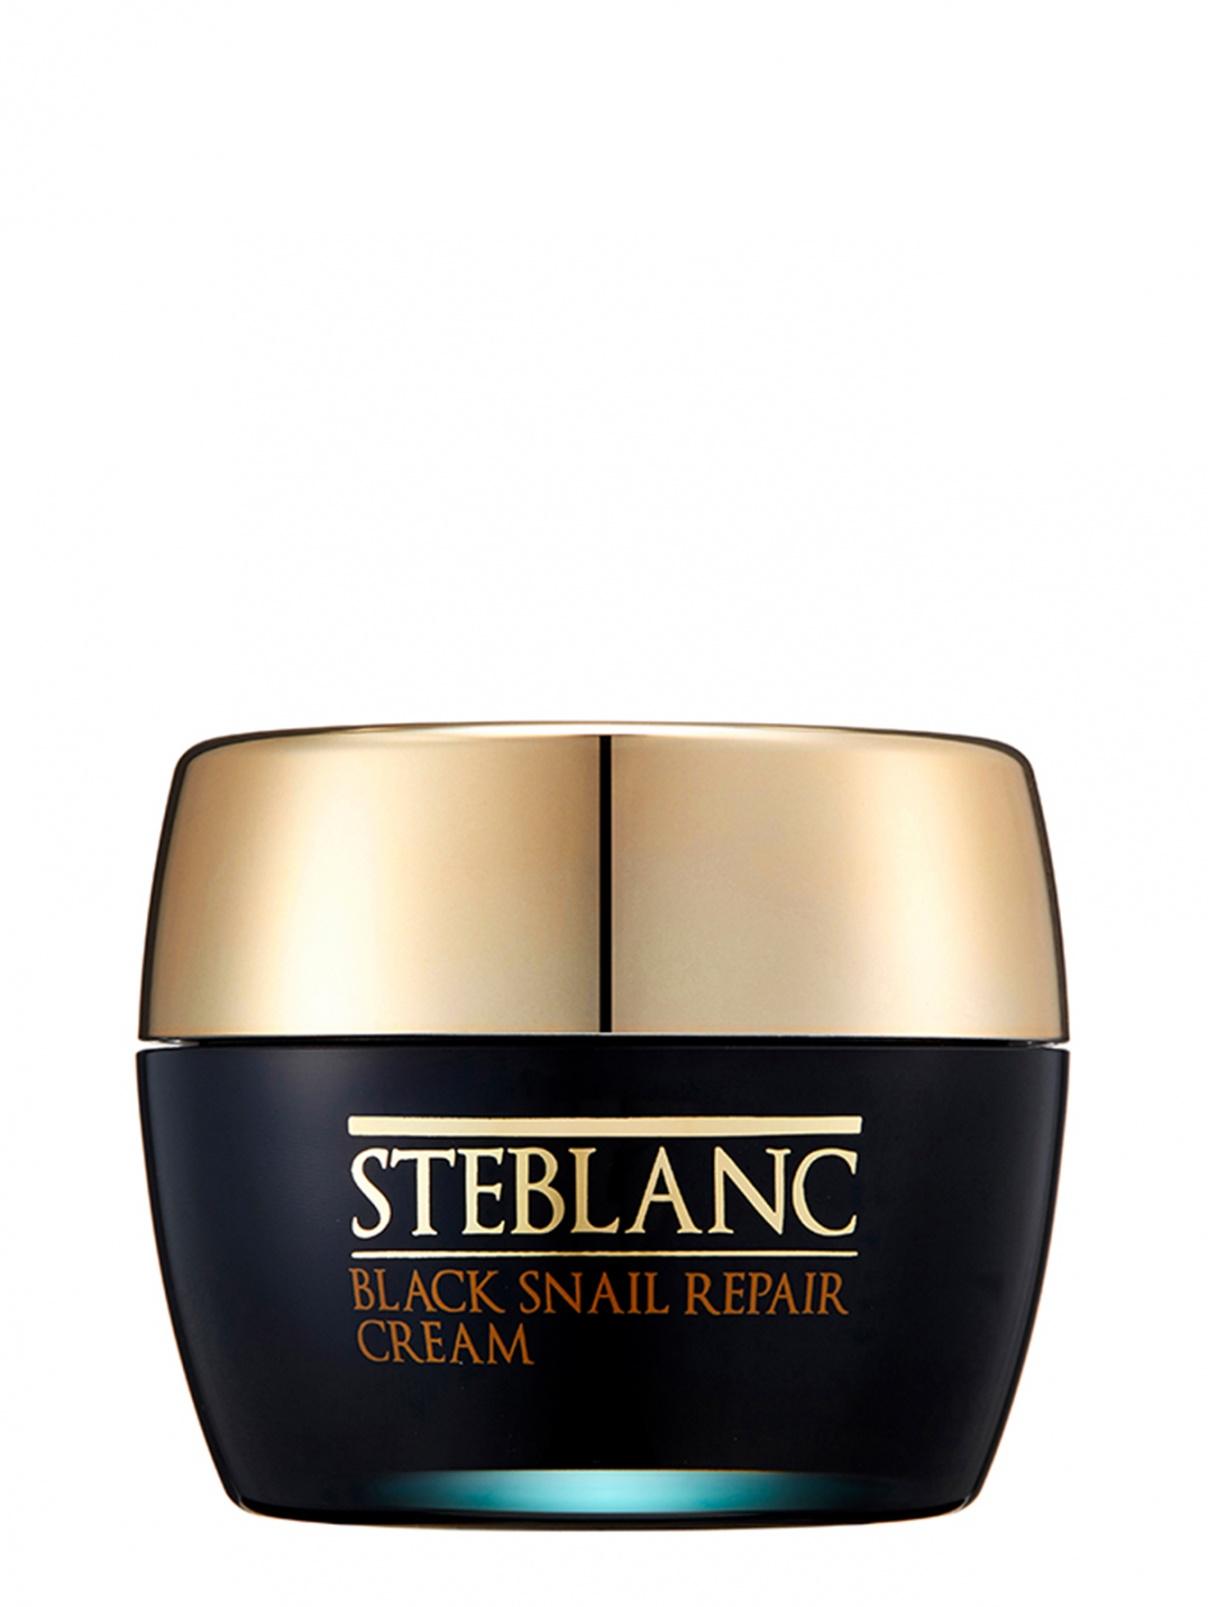 Black Snail Repair Cream / Крем для лица восстанавливающий с муцином Черной улитки 55 мл STEBLANK  –  Общий вид